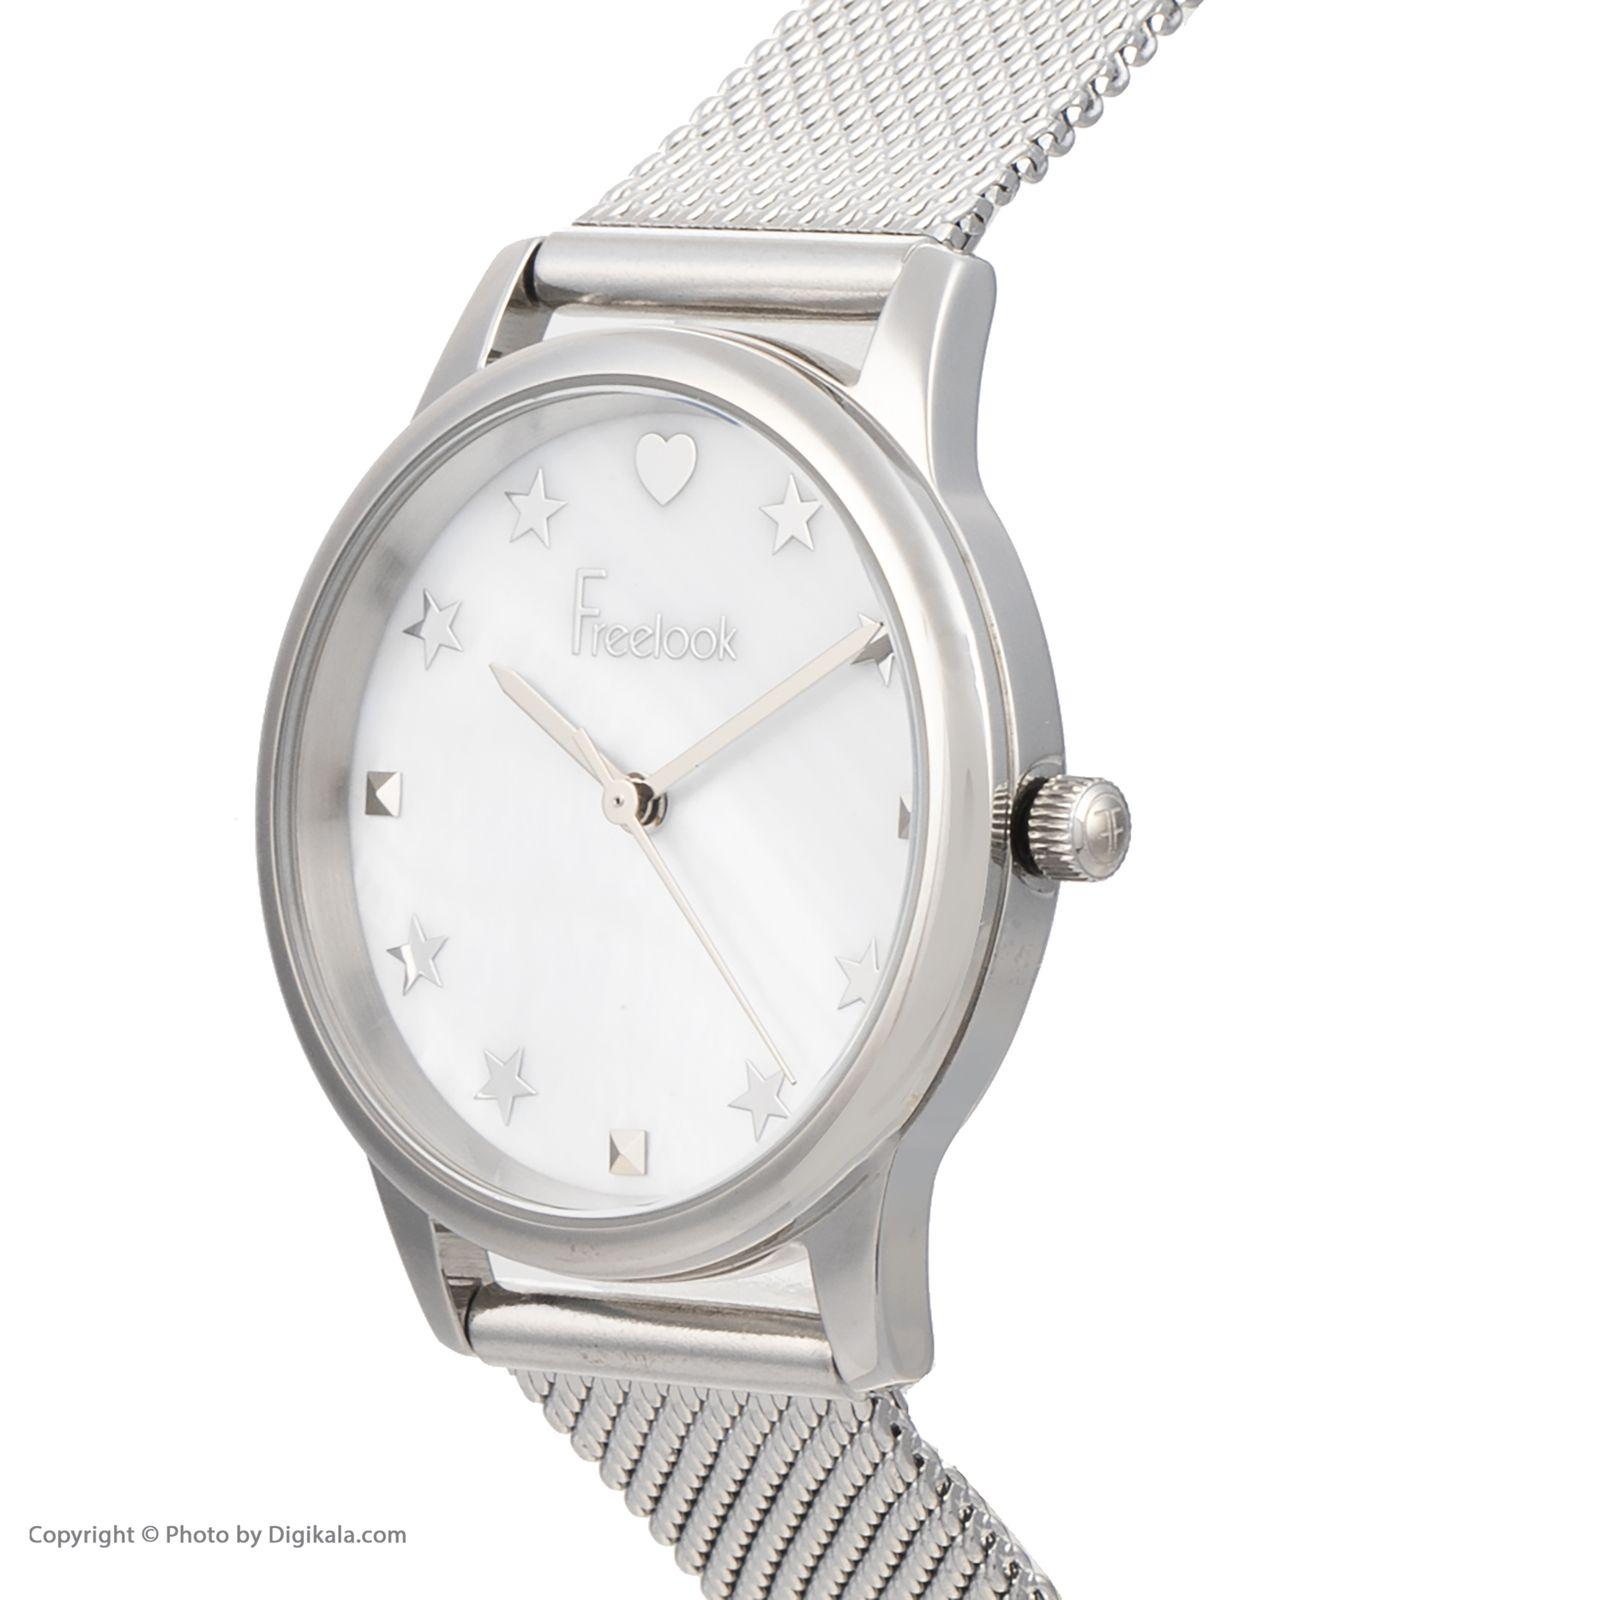 ساعت مچی عقربه ای زنانه فری لوک مدل F.8.1037.01 -  - 3